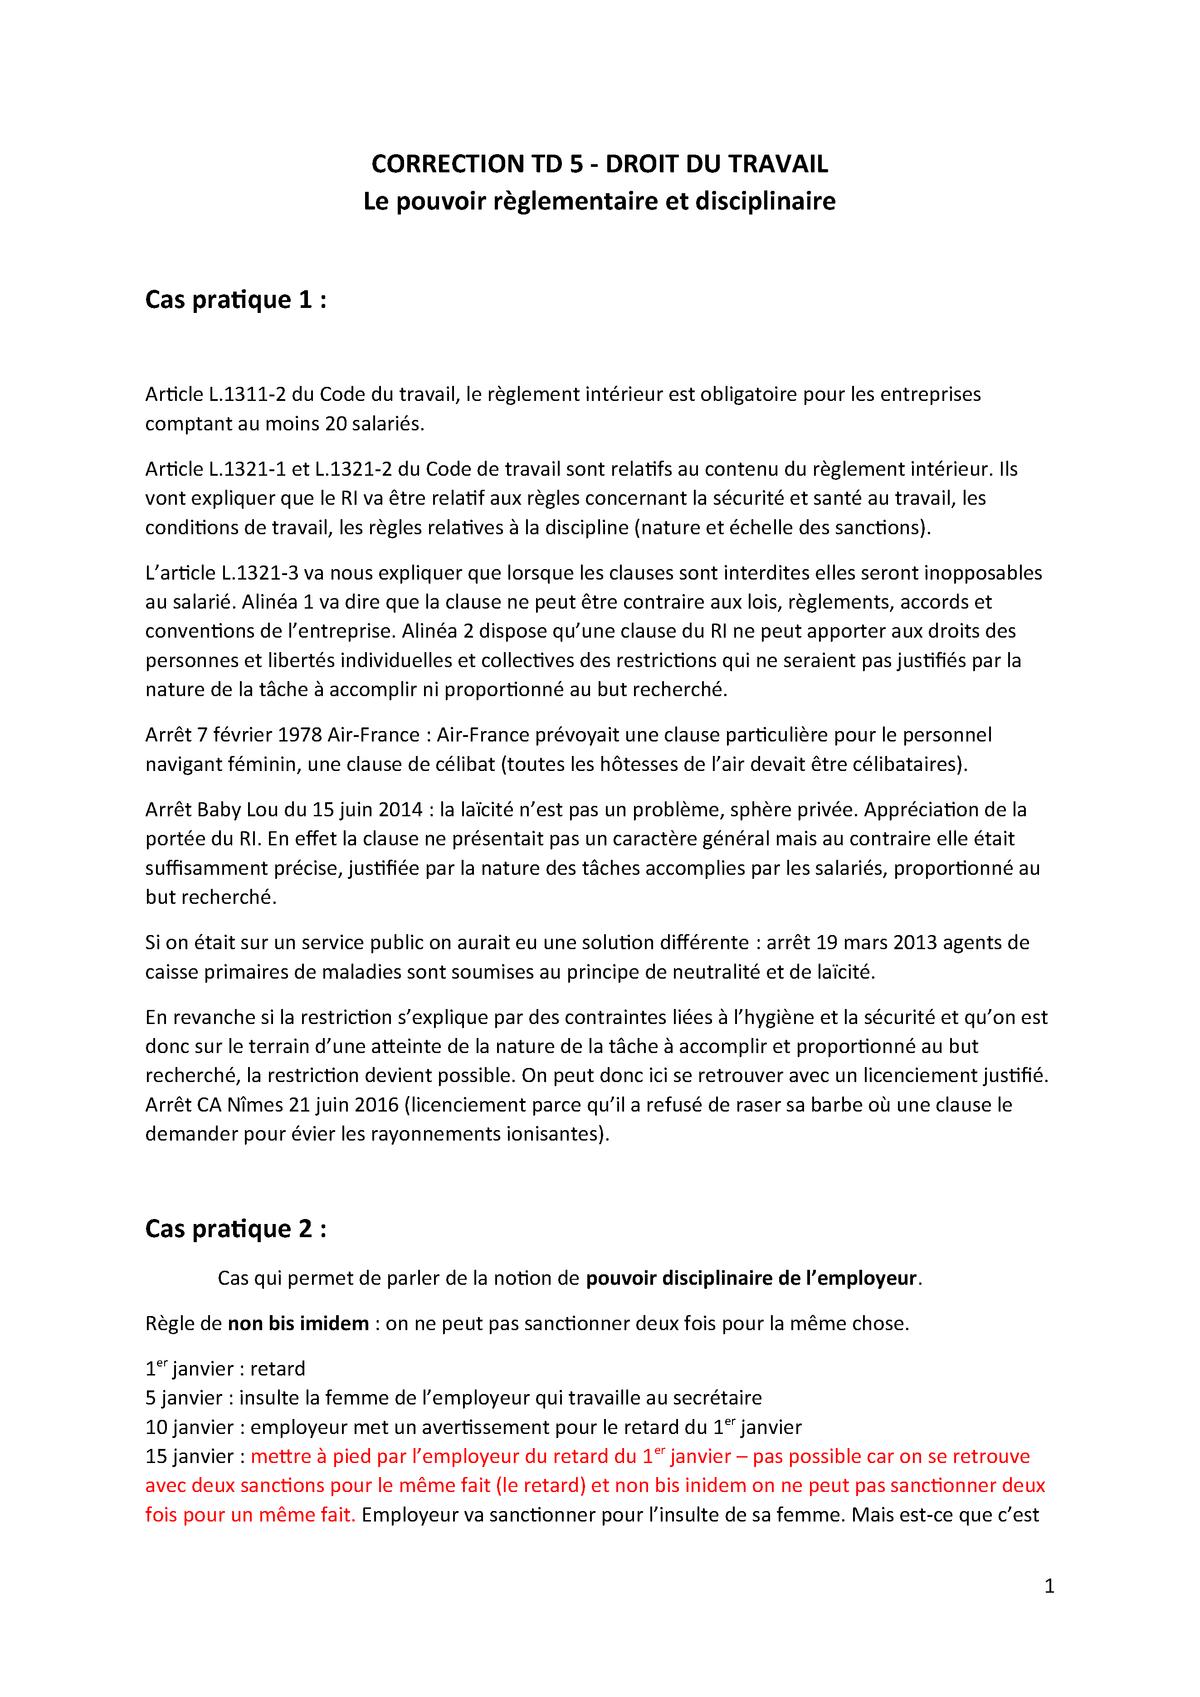 8fda54365d7f79 CORRECTION - Le pouvoir règlementaire et disciplinaire - Droit du ...